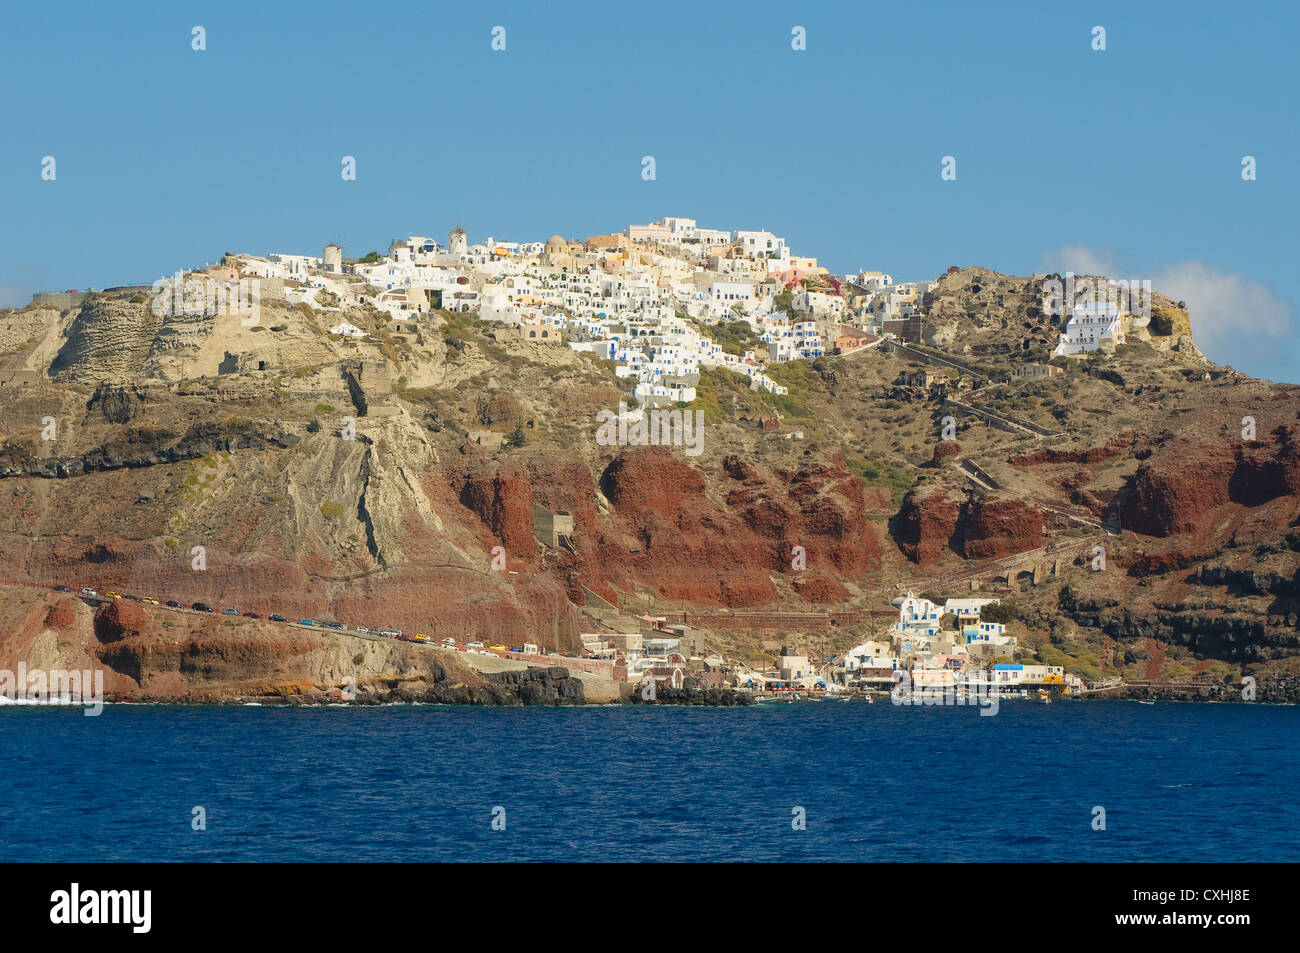 Dorf Oia auf Santorin, Griechenland Stockbild